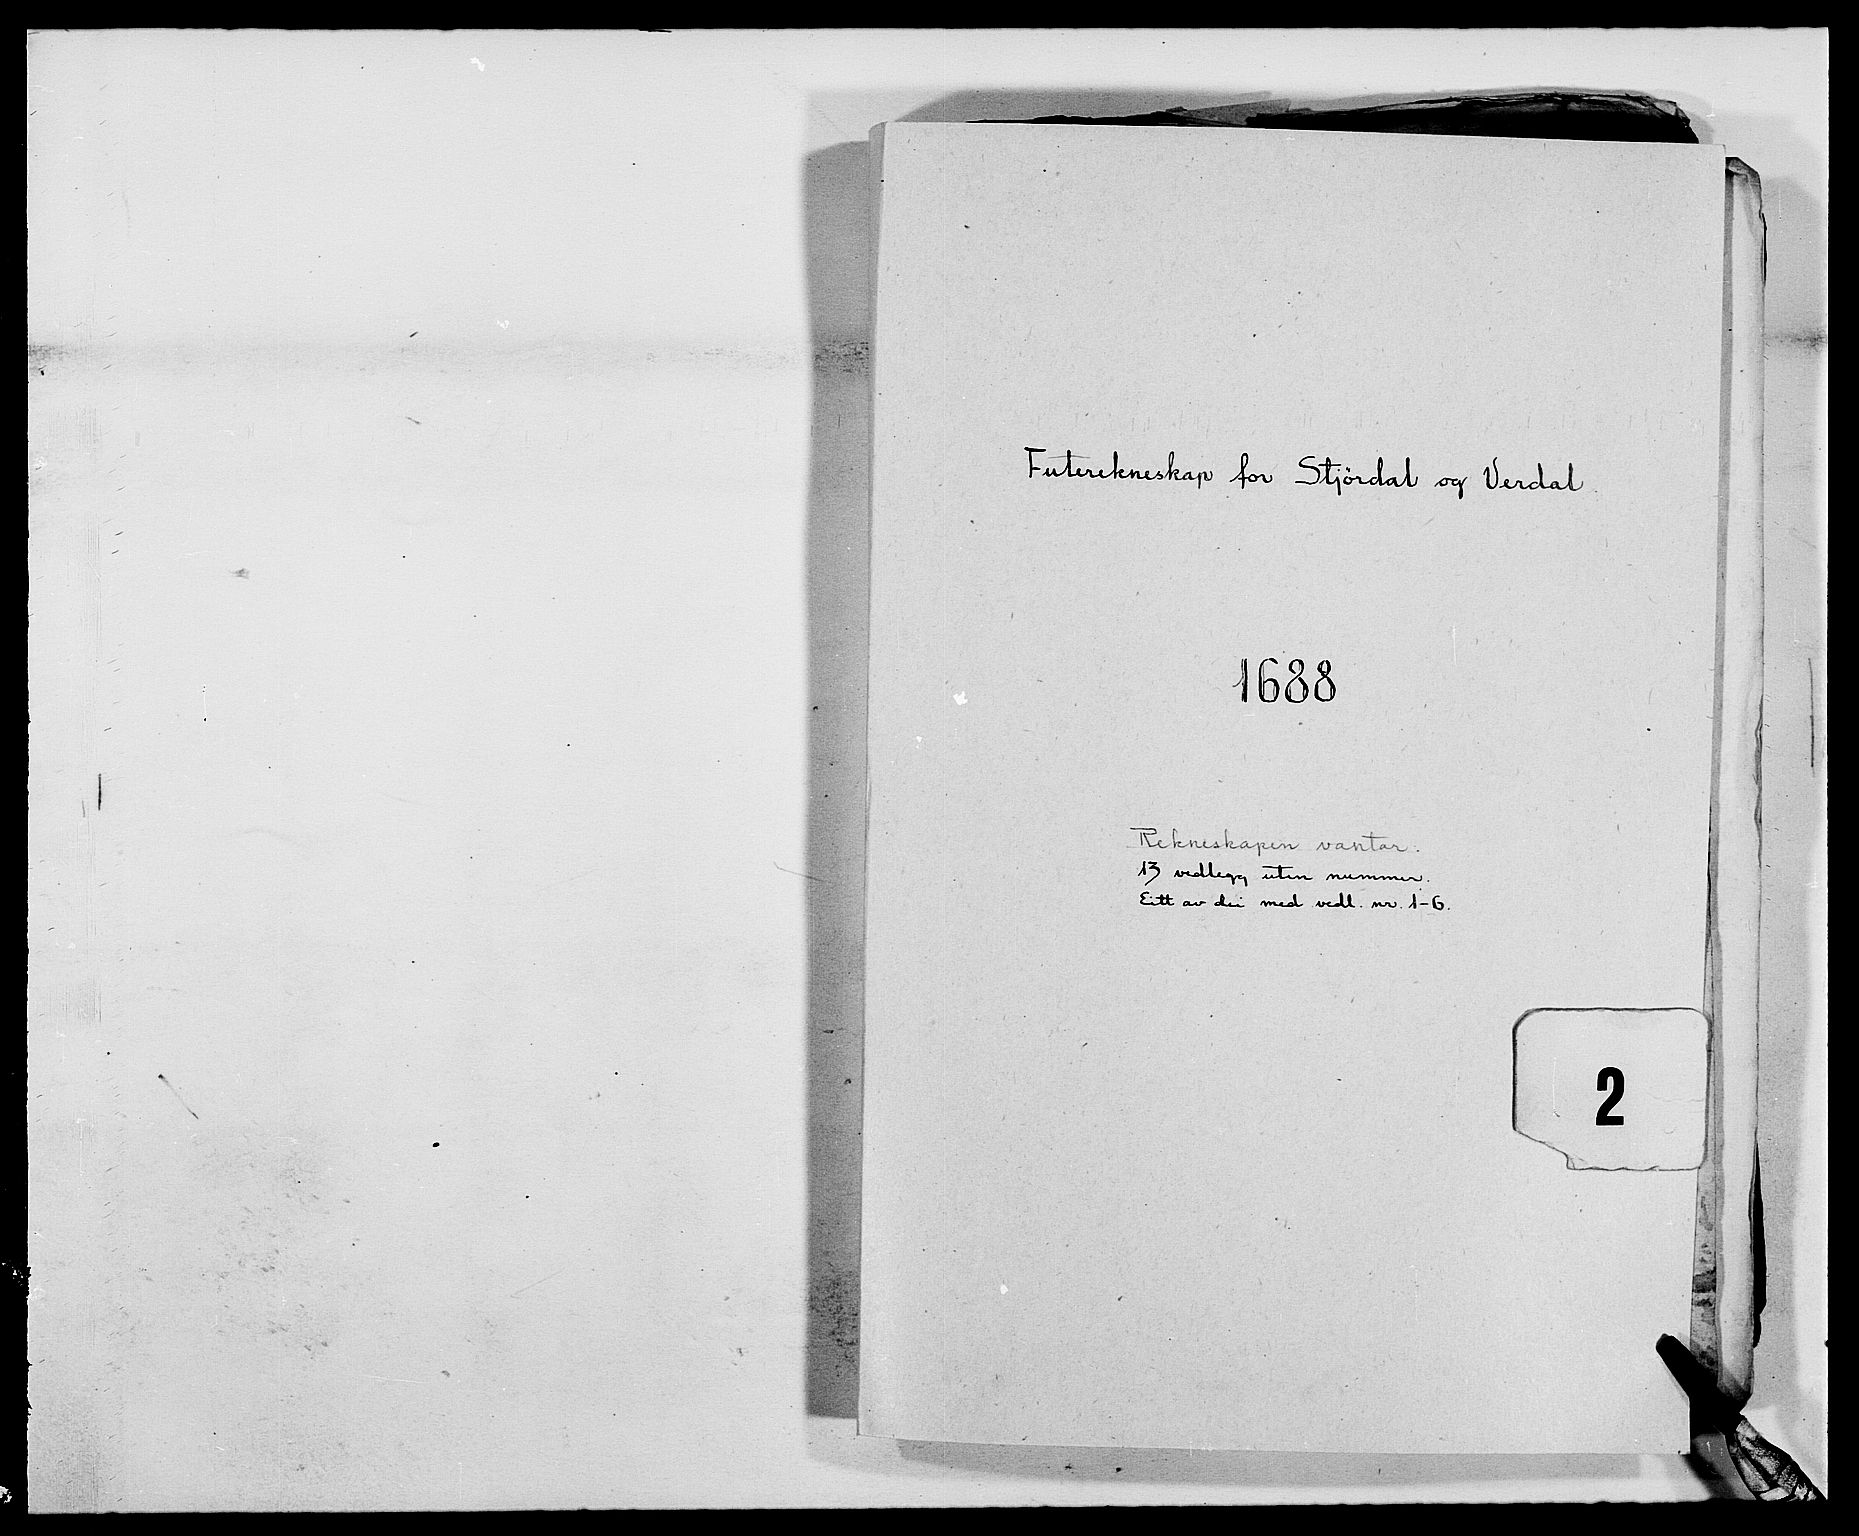 RA, Rentekammeret inntil 1814, Reviderte regnskaper, Fogderegnskap, R62/L4183: Fogderegnskap Stjørdal og Verdal, 1687-1689, s. 197